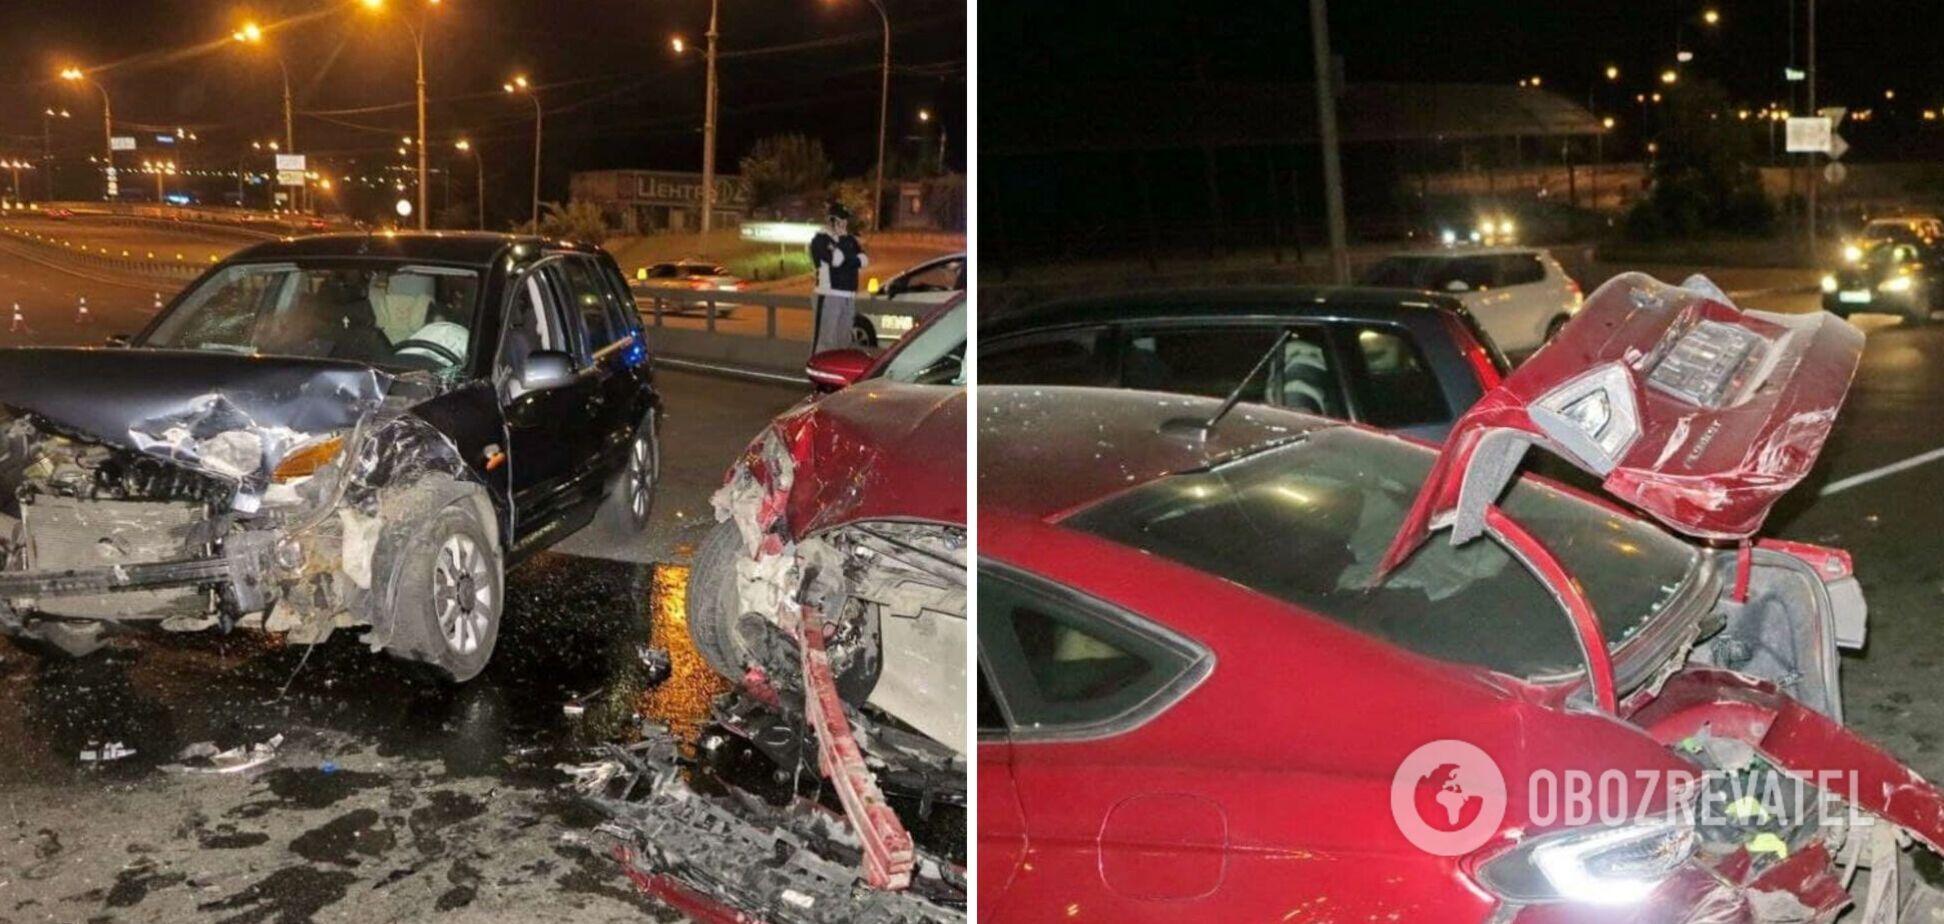 У Києві п'яний водій влаштував лобове зіткнення: важко травмовані двоє людей. Фото